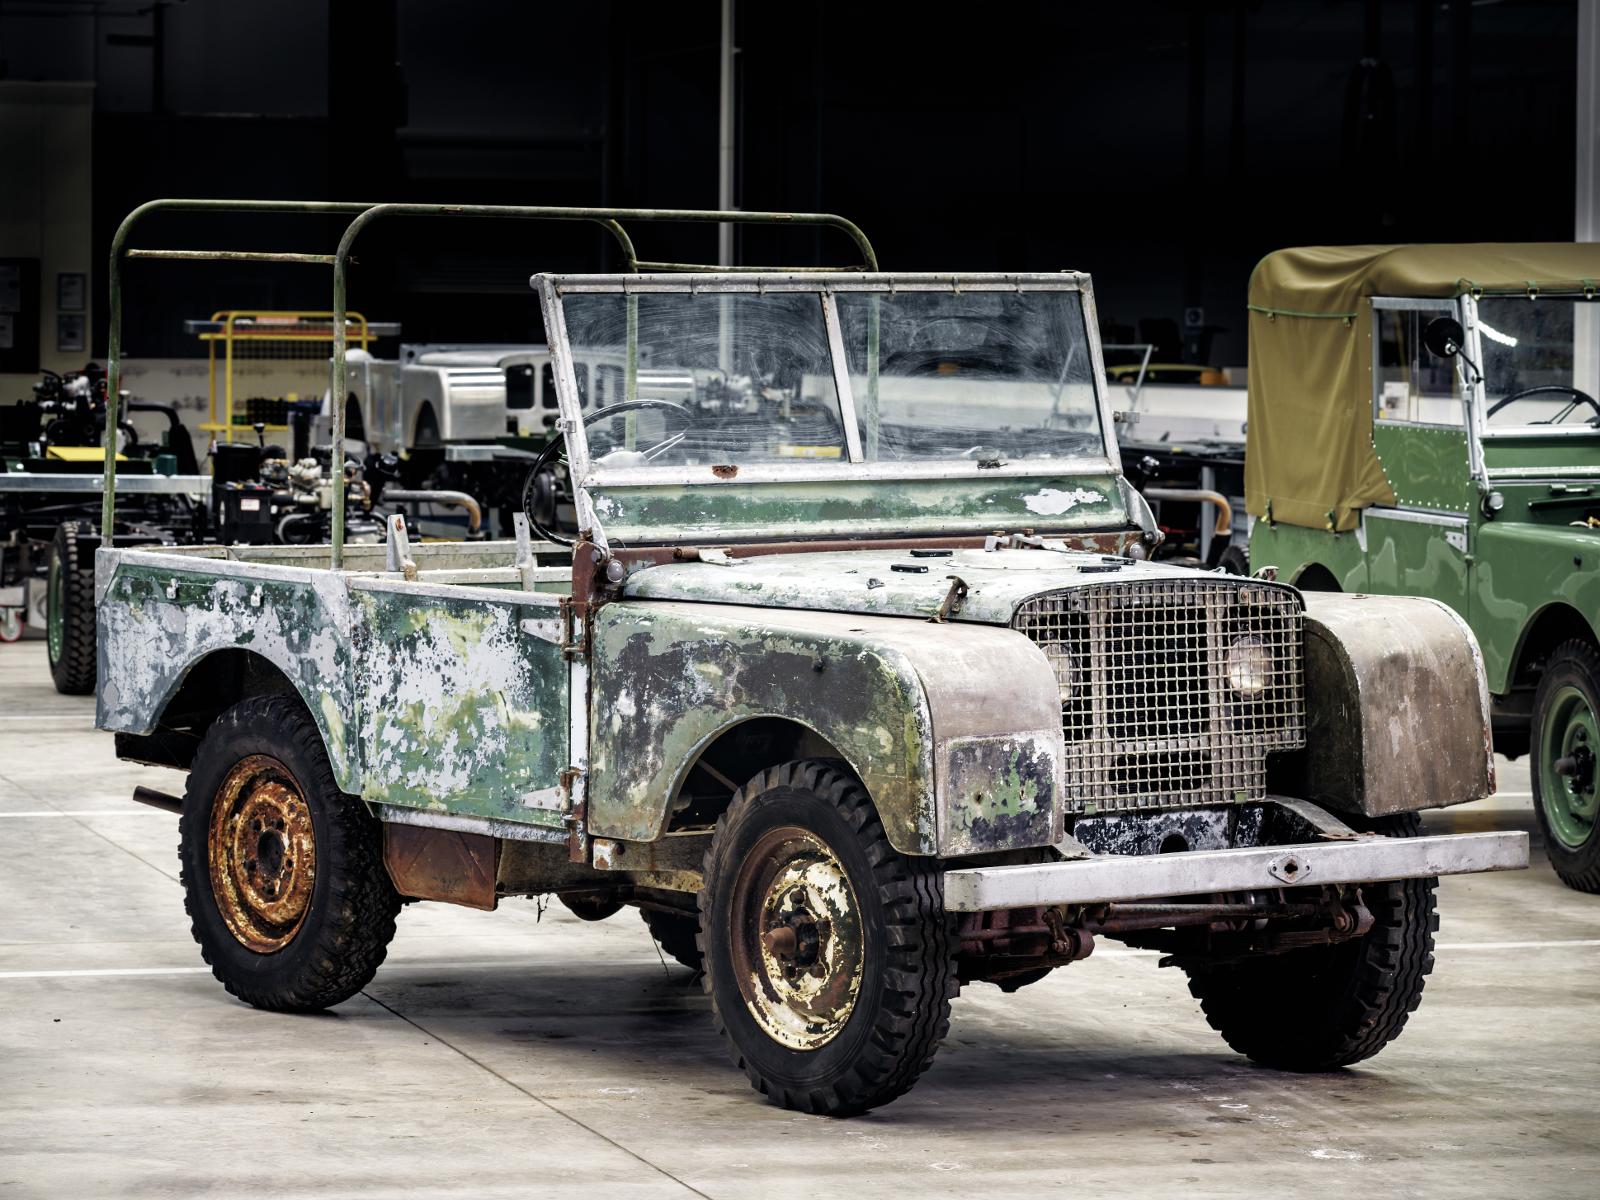 L07 - ein Land Rover Vorserienmodell und Ausstellungsstück auf der Amsterdam Motor Show 1948. © Fot